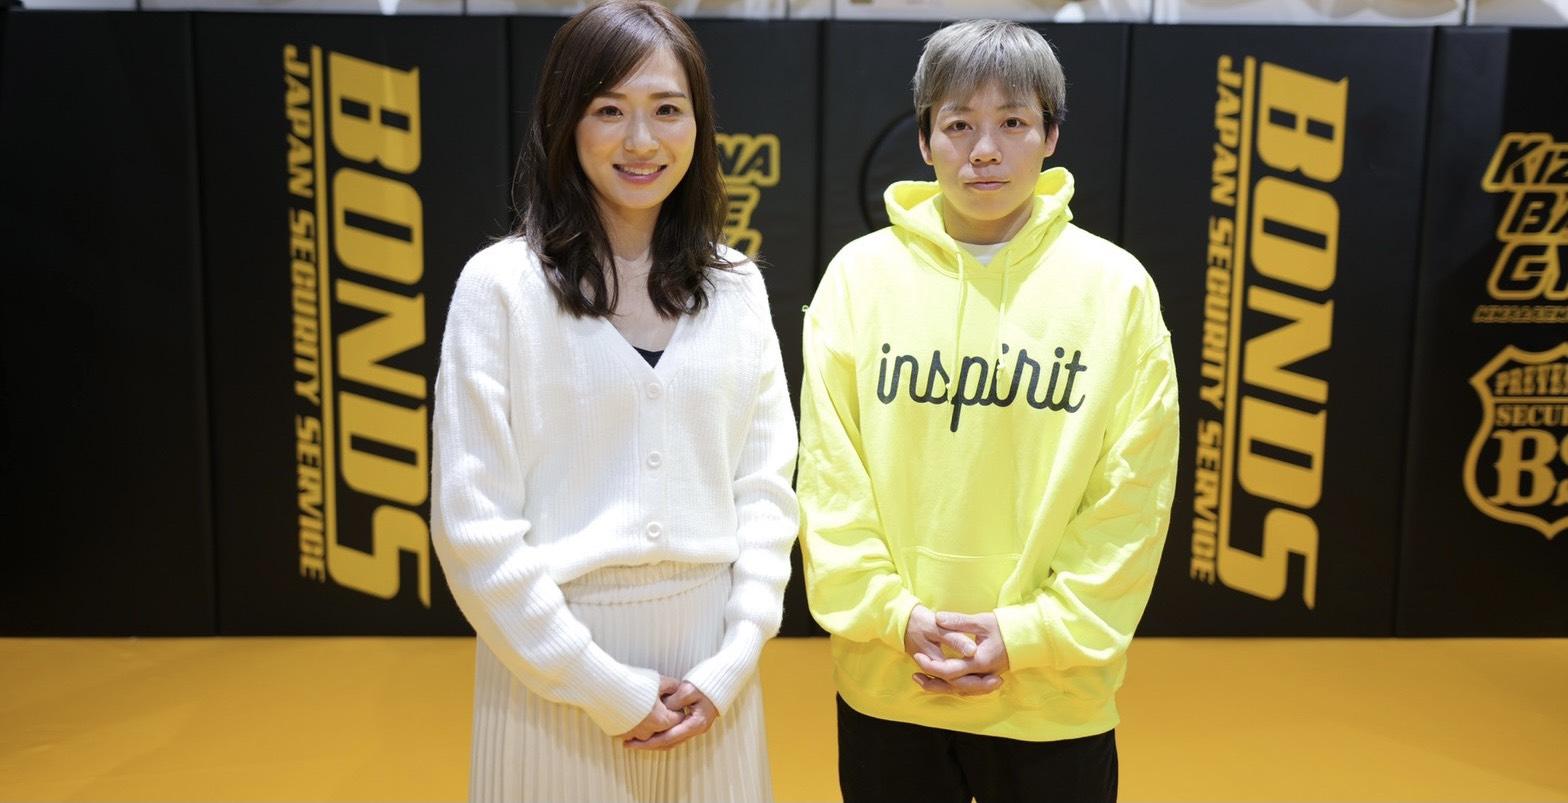 「浜崎朱加選手のスポンサーになりました」のアイキャッチ画像